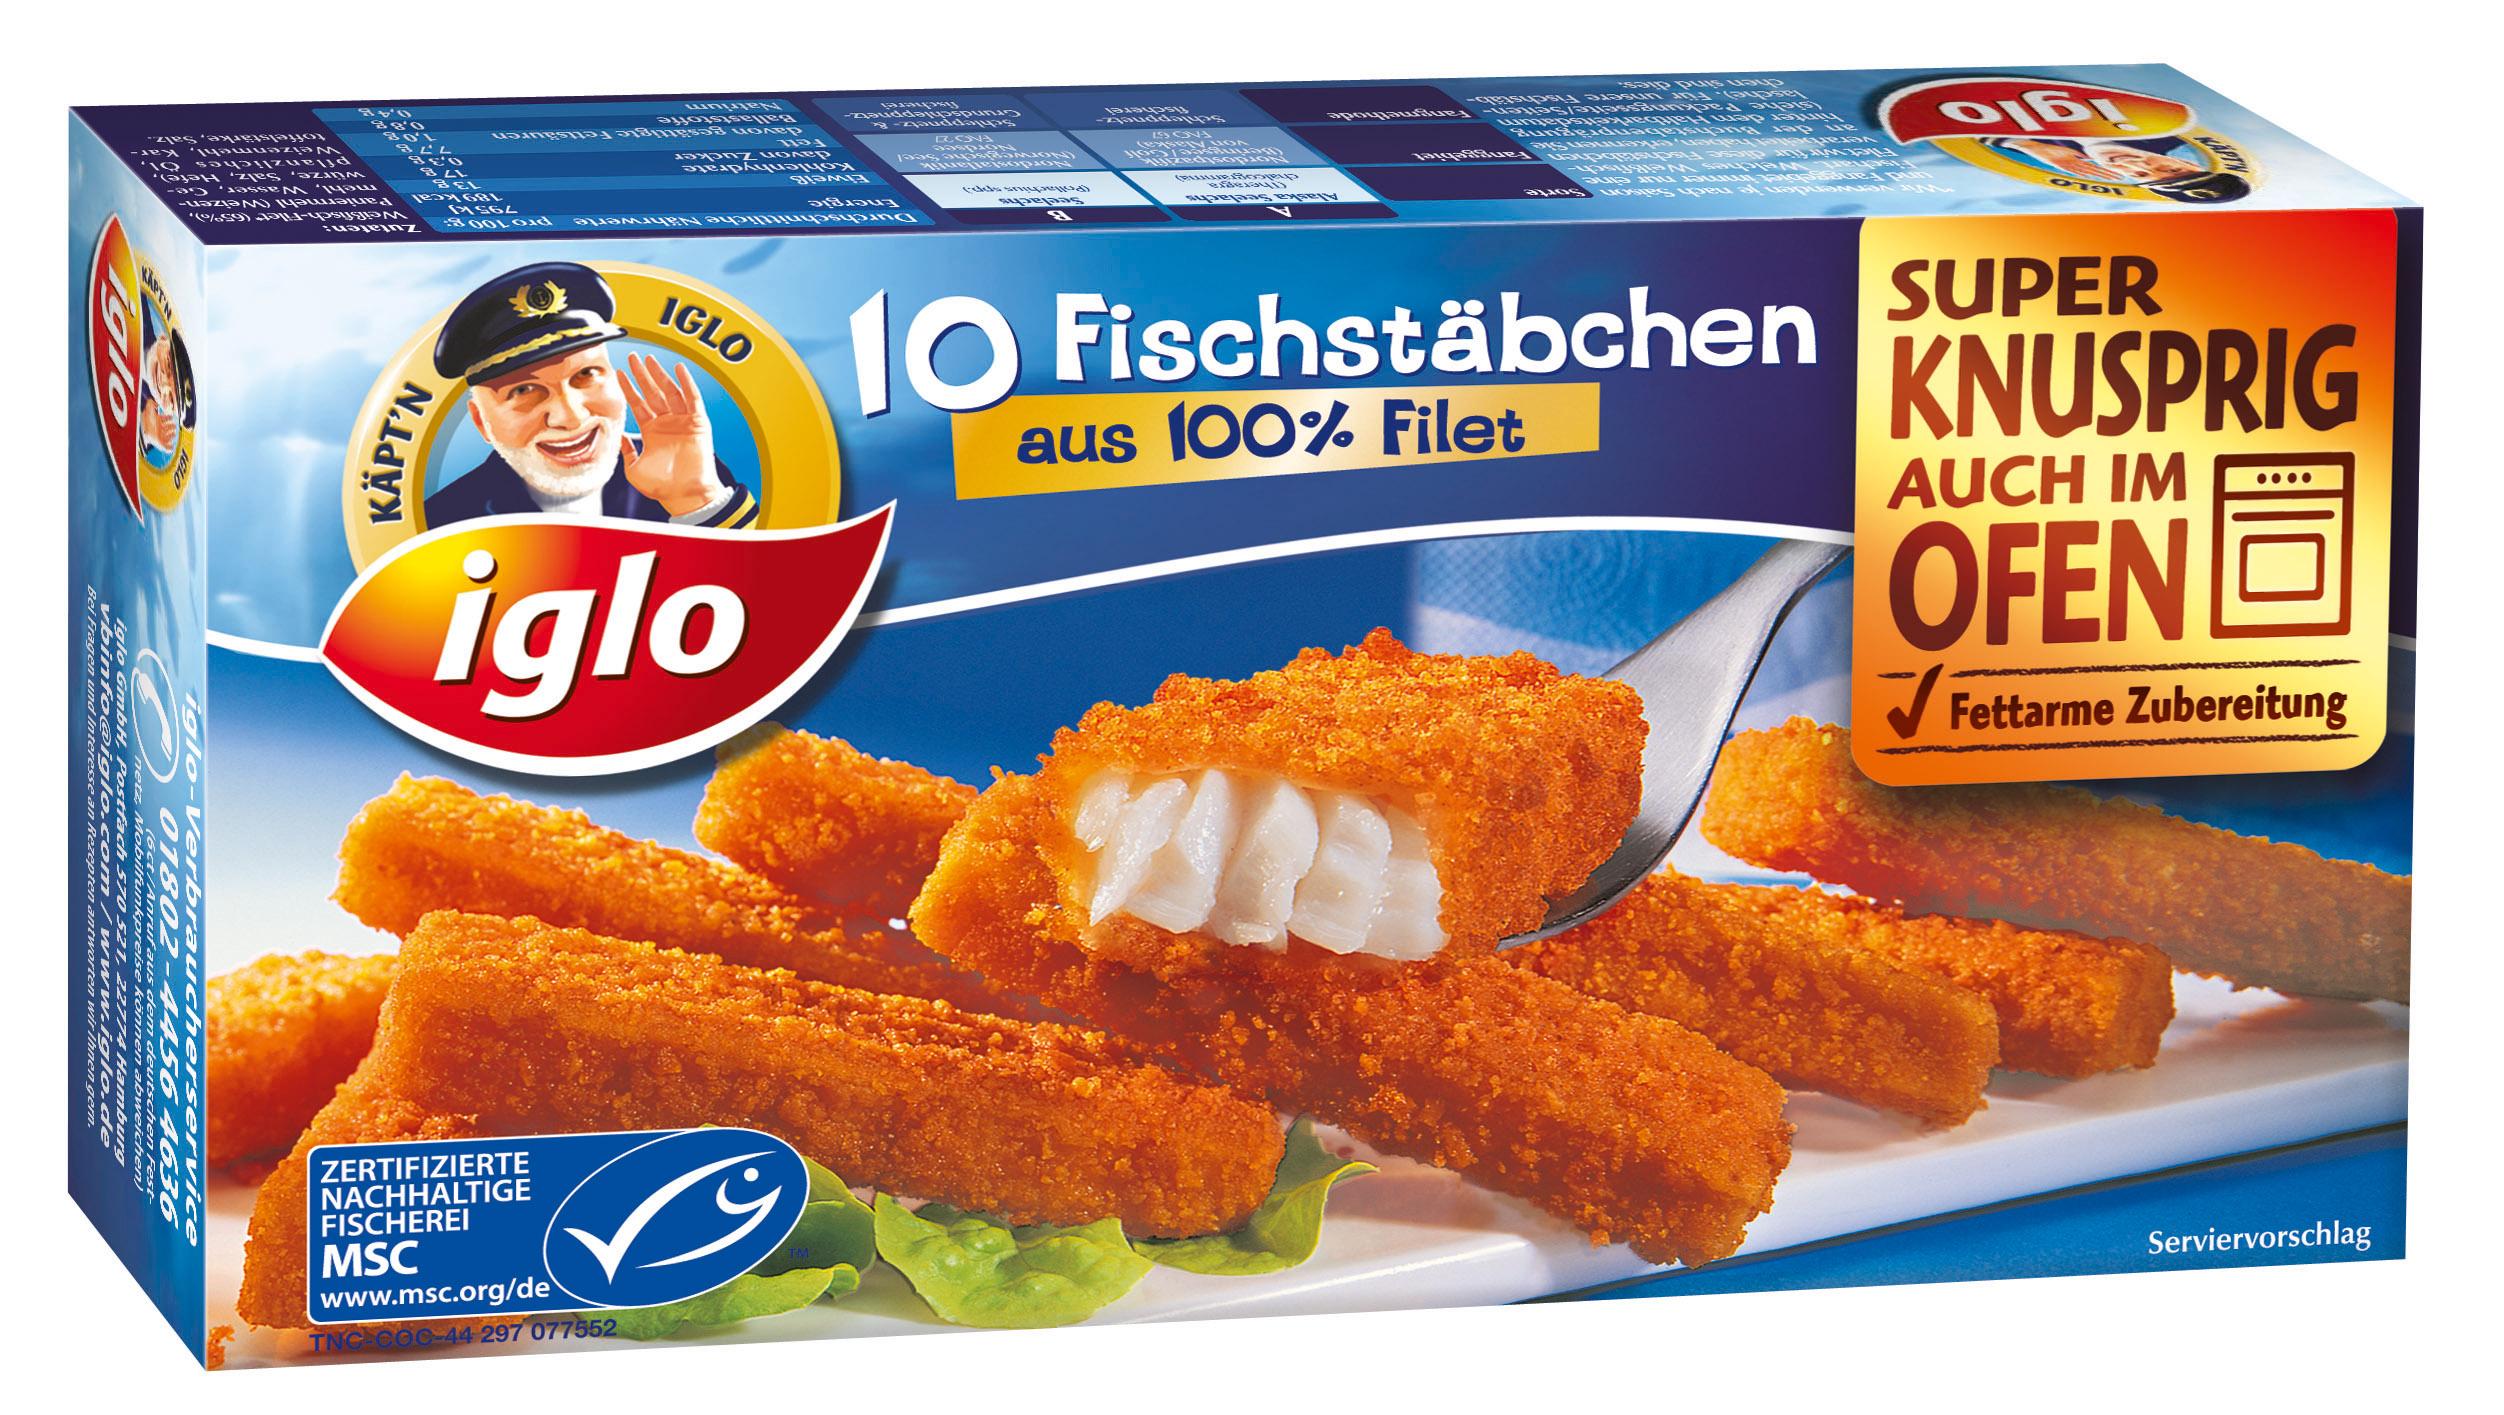 iglo Fischstäbchen: Neue TV-Abenteuer mit Käpt'n iglo ...